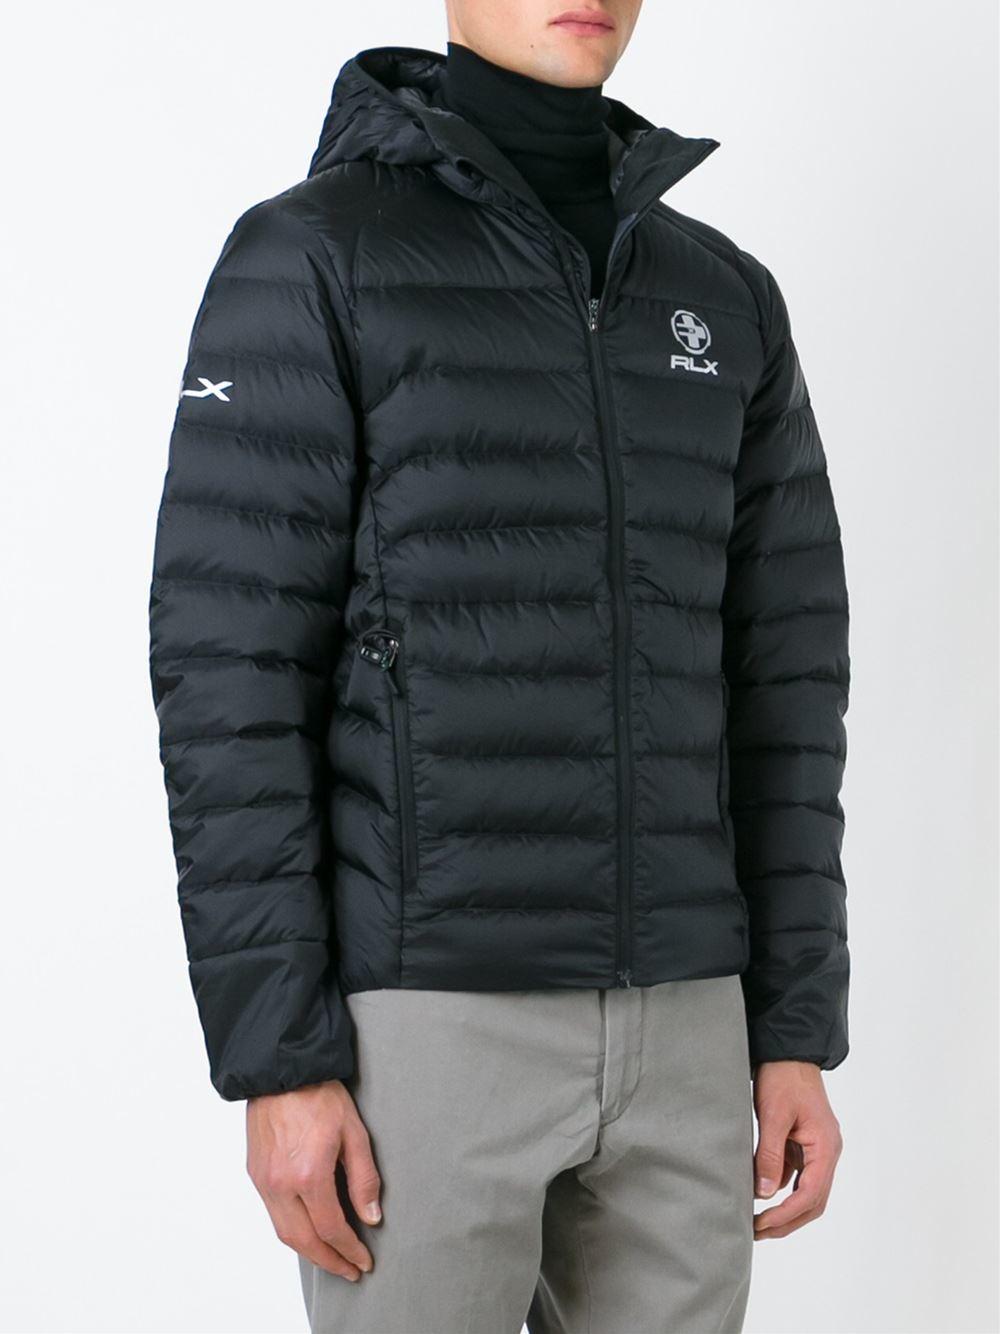 rlx ralph lauren hooded padded jacket in black for men lyst. Black Bedroom Furniture Sets. Home Design Ideas